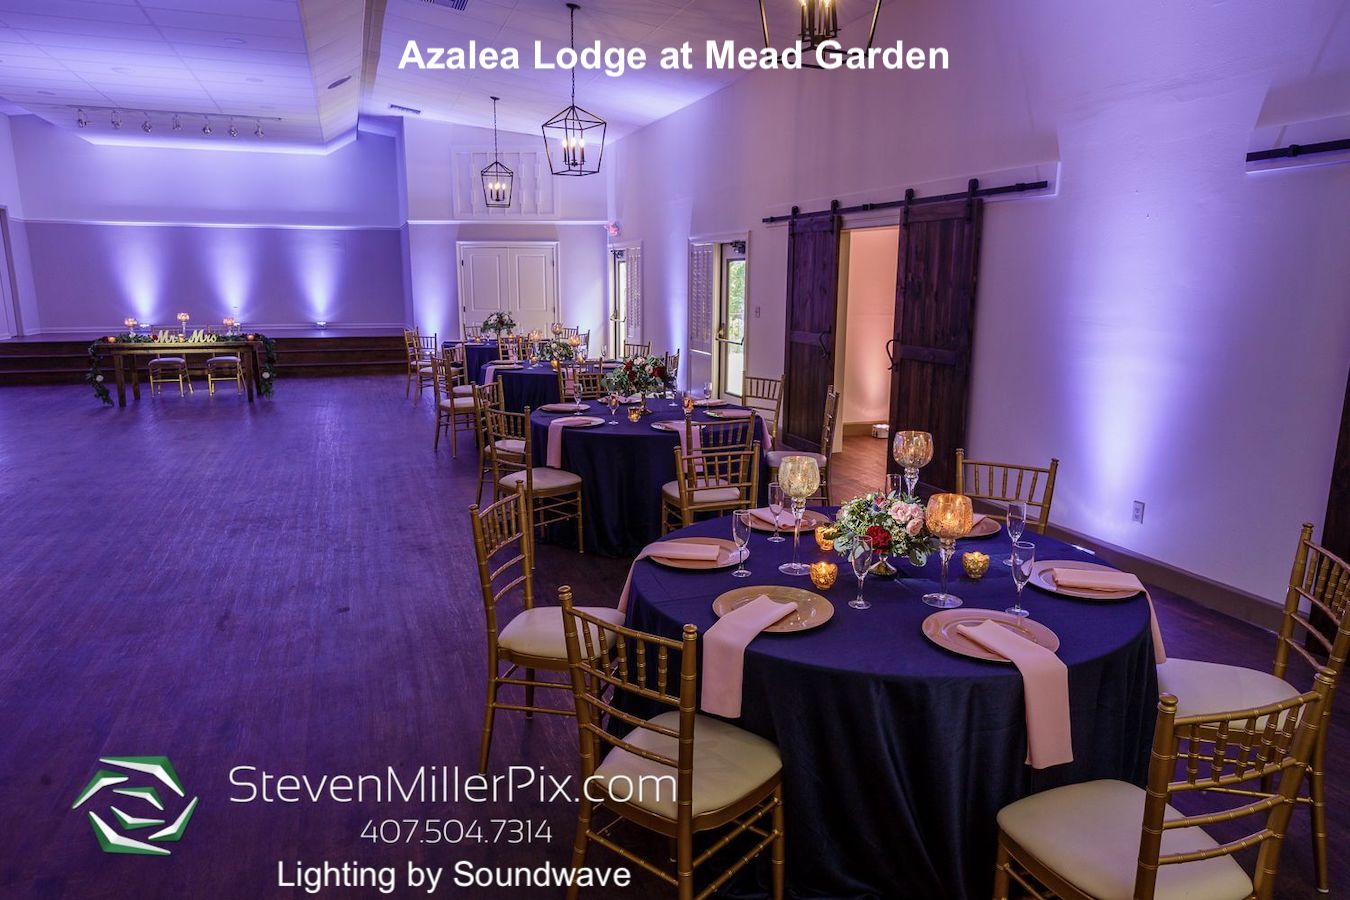 azalea lodge at mead garden - dubsdread catering - orlando wedding venue